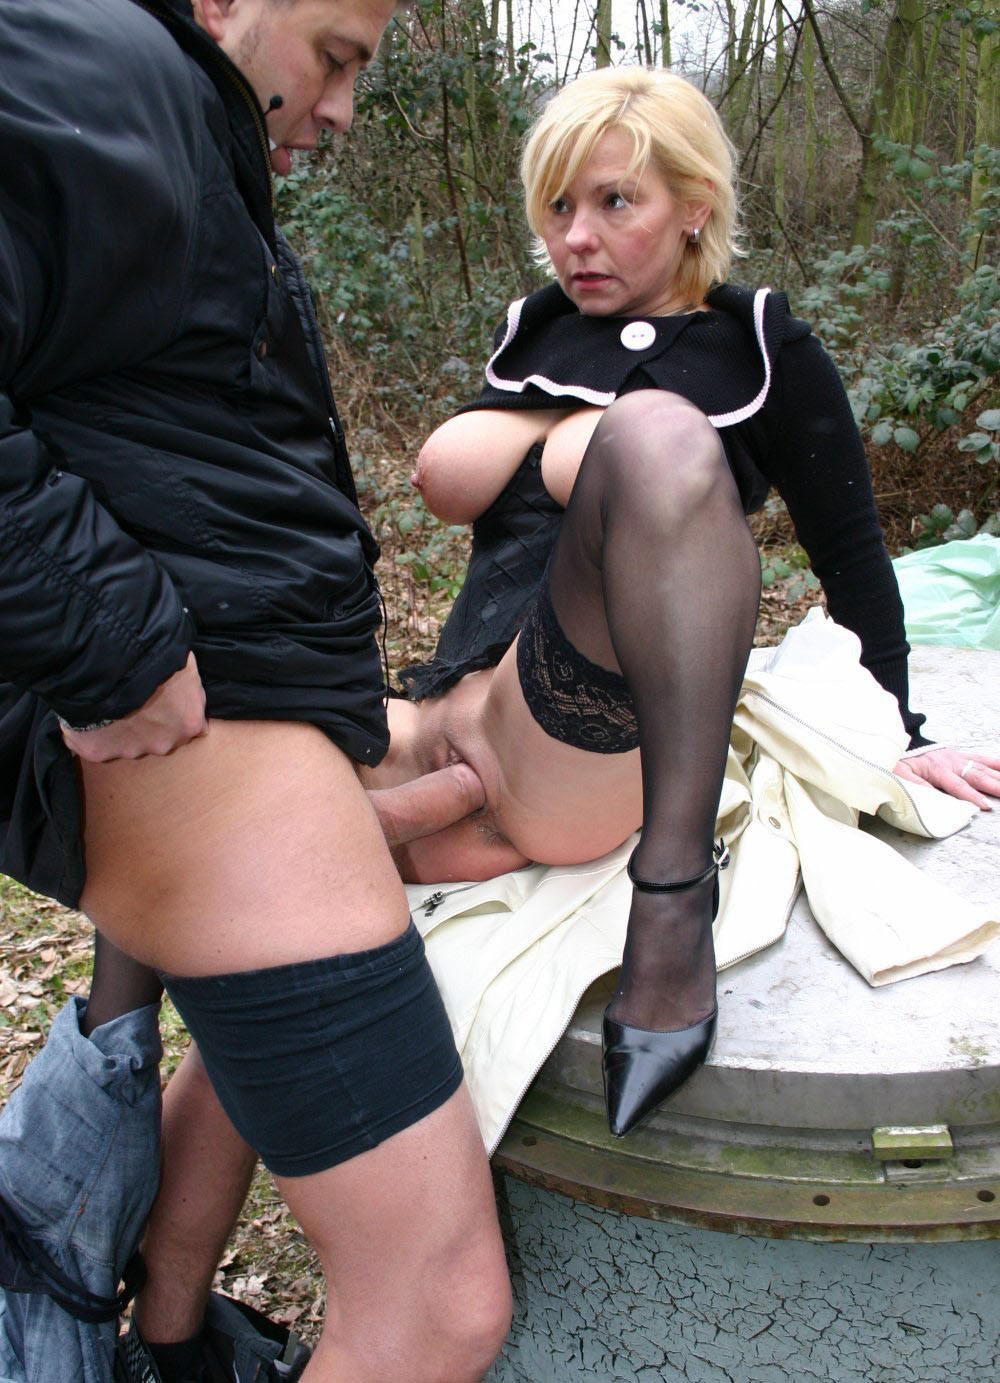 Проститутка Отрабатывает Деньги